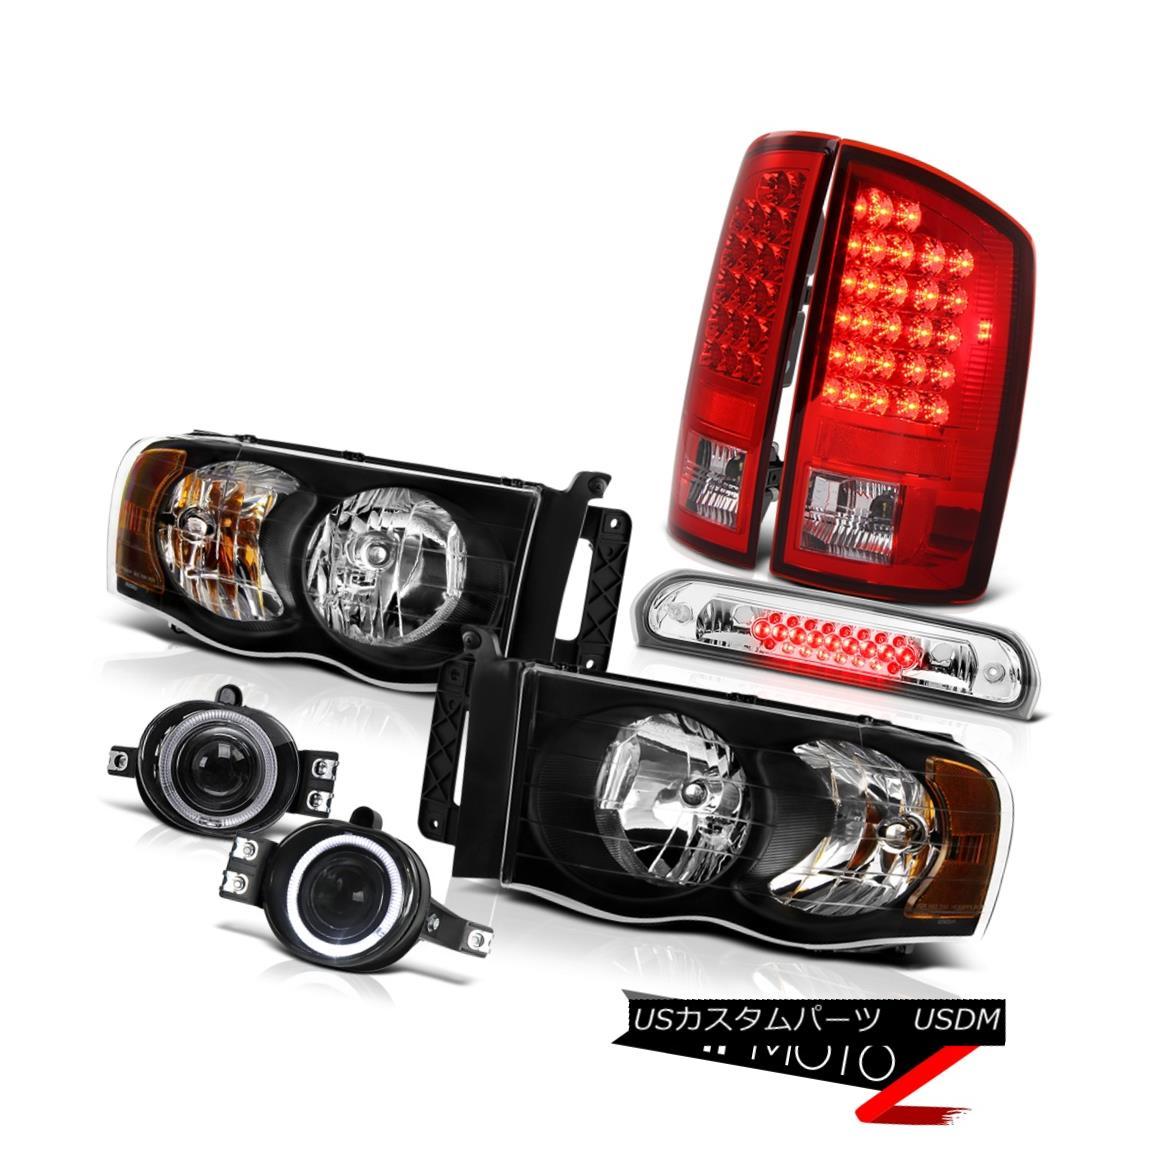 テールライト 2002-2005 Ram SLT Headlights Rosso Red LED Tail Lights Euro Fog Roof Brake Cargo 2002-2005ラムSLTヘッドライトロッソレッドLEDテールライトユーロフォグ屋根ブレーキカーゴ